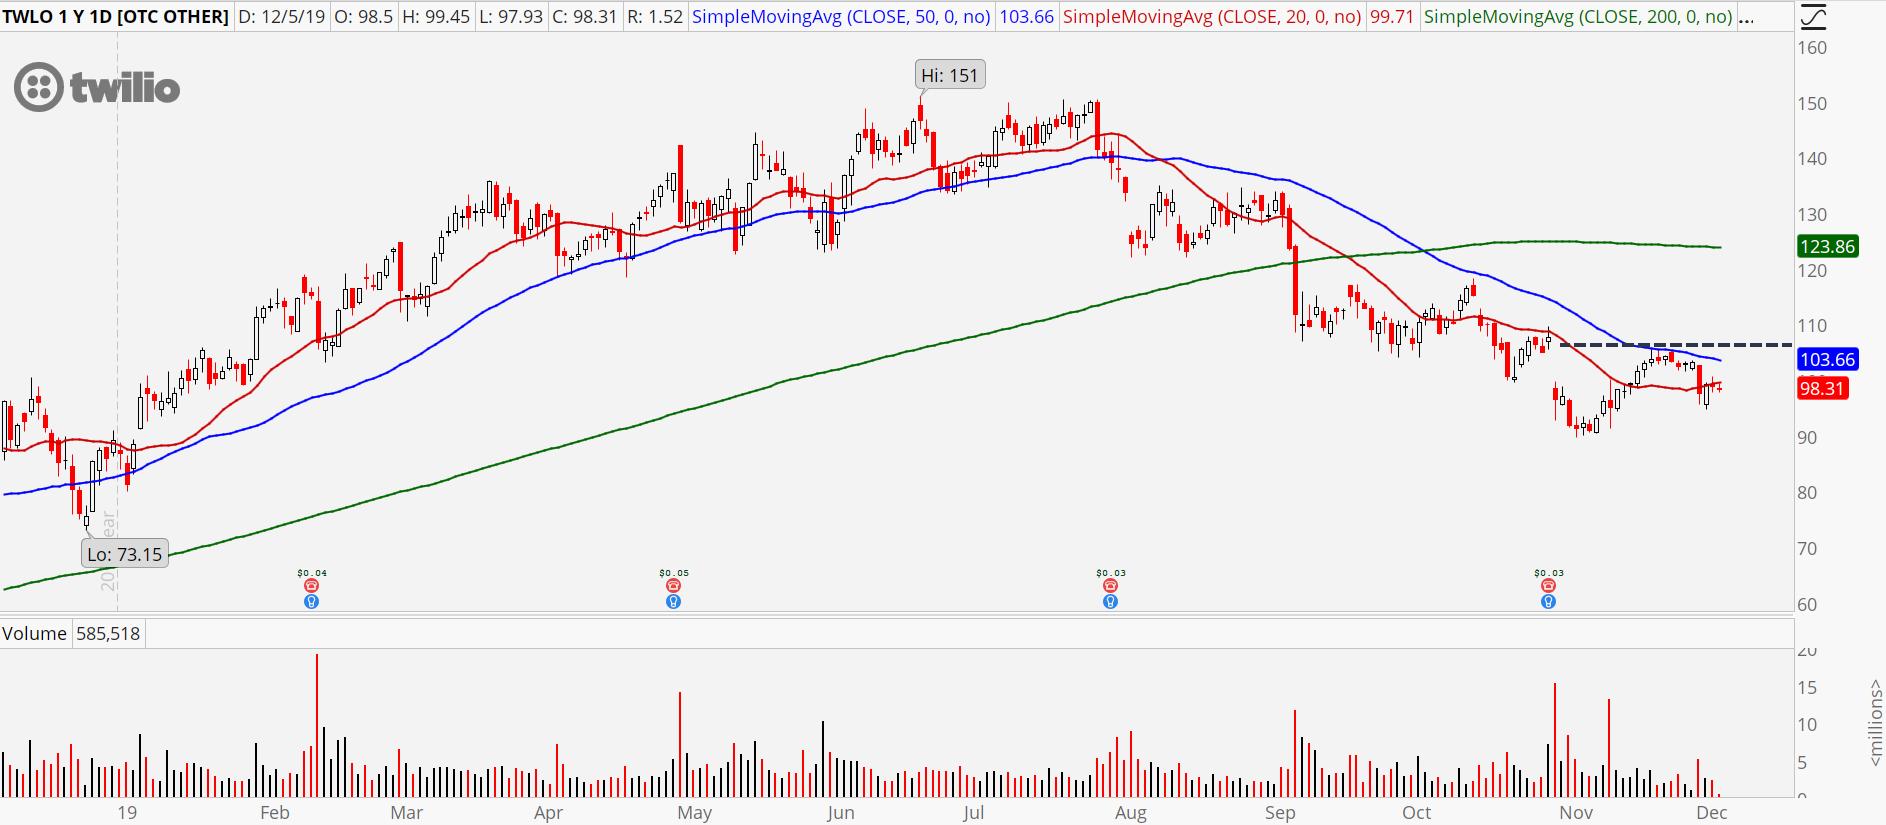 3 Garbage Tech Stocks to Sell: Twilio (TWLO)